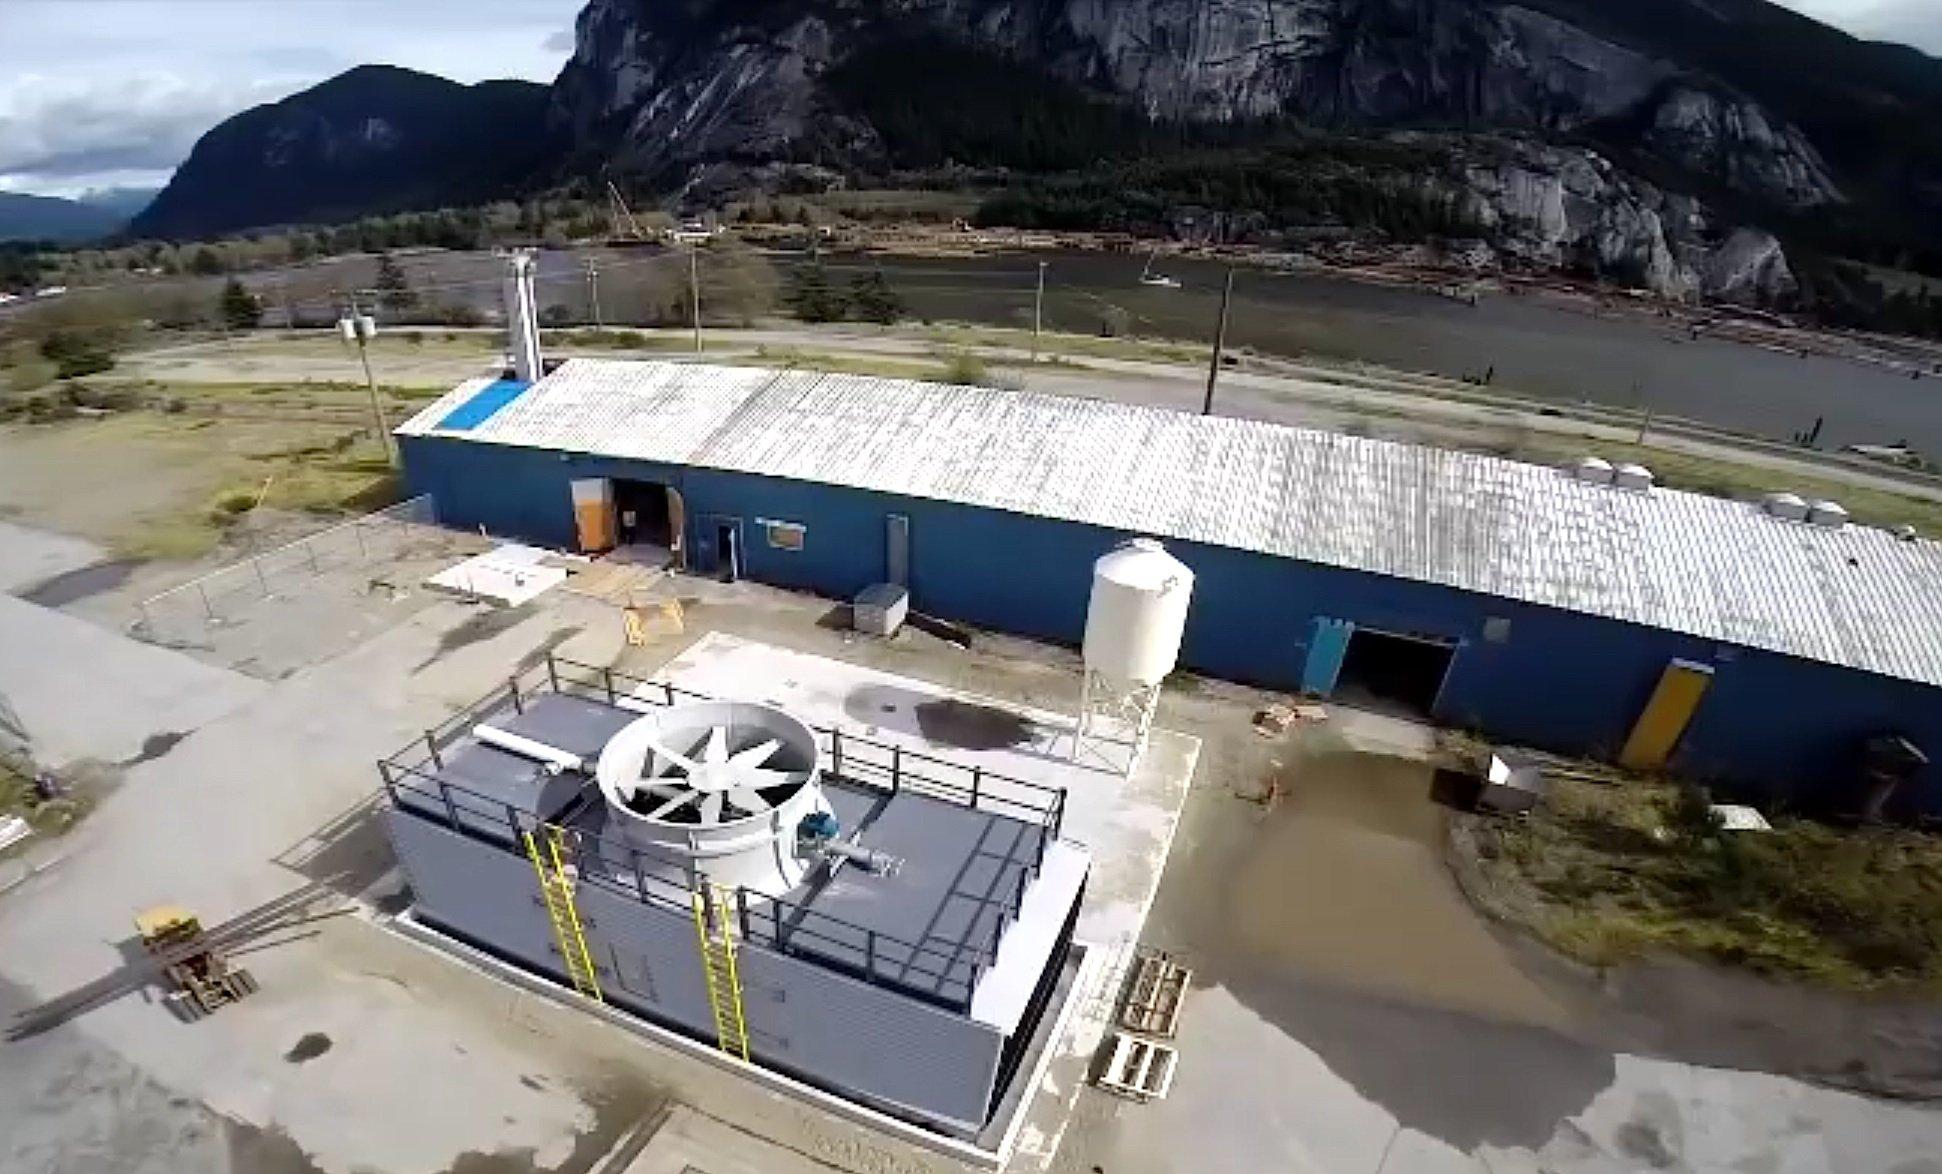 Eine Pilotanlage in Kanada zur Herstellung von Treibstoffen aus CO2, das aus der Luft gewonnen wird, hat vor wenigen Tagen das Unternehmen Carbon Engineering in Betrieb genommen. Investor des Unternehmens ist auch Microsoft-Gründer Bill Gates. Deutlich zu sehen ist das große Gebläse, das Luft in die Anlage zieht.